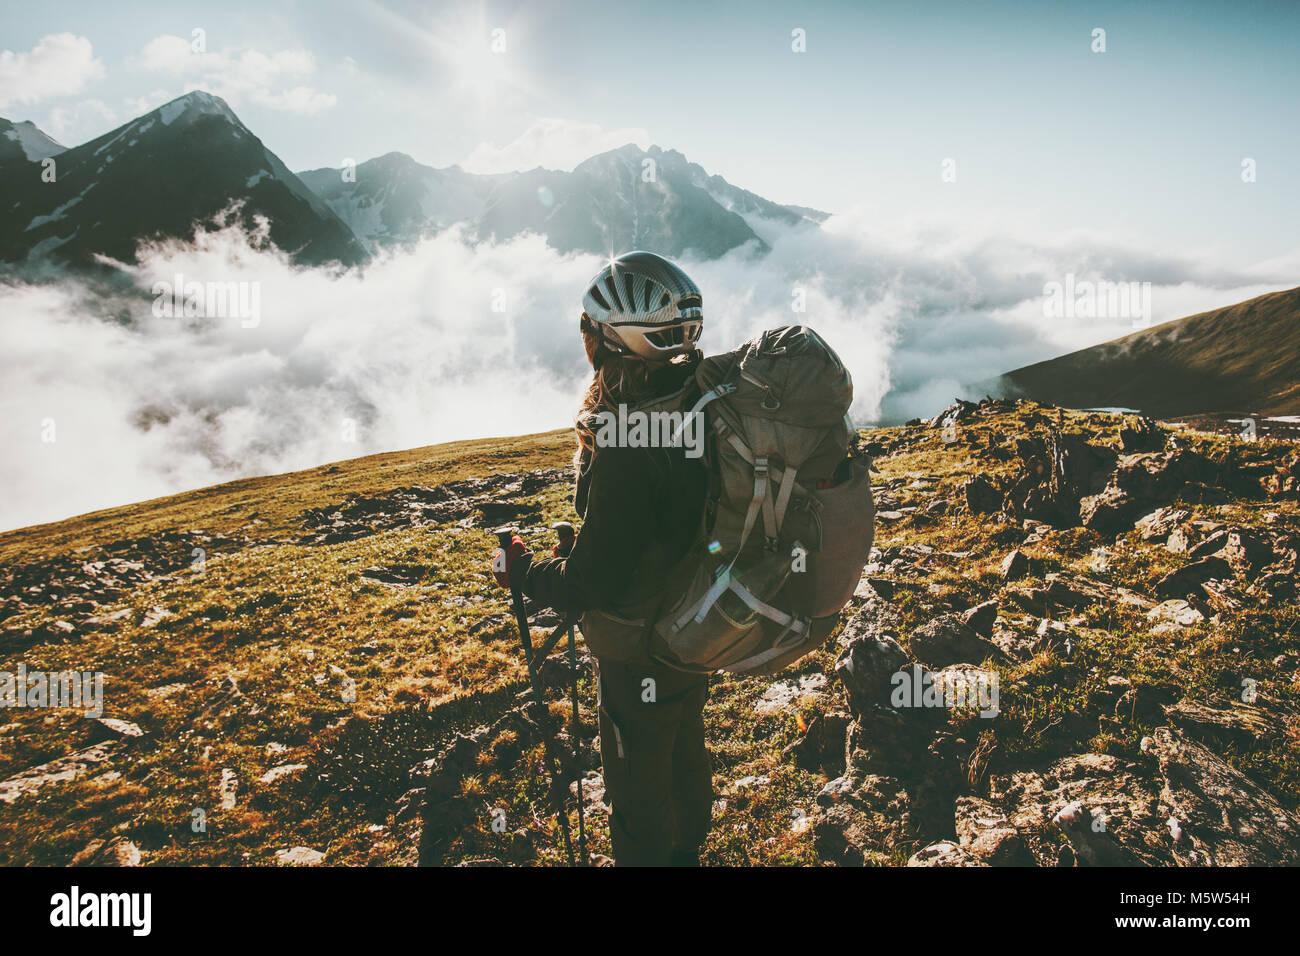 Frau Reisenden mit Rucksack, Trekking in den Bergen Reisen lifestyle Abenteuer Konzept Aktiv Sommer Ferien im Freien Stockbild